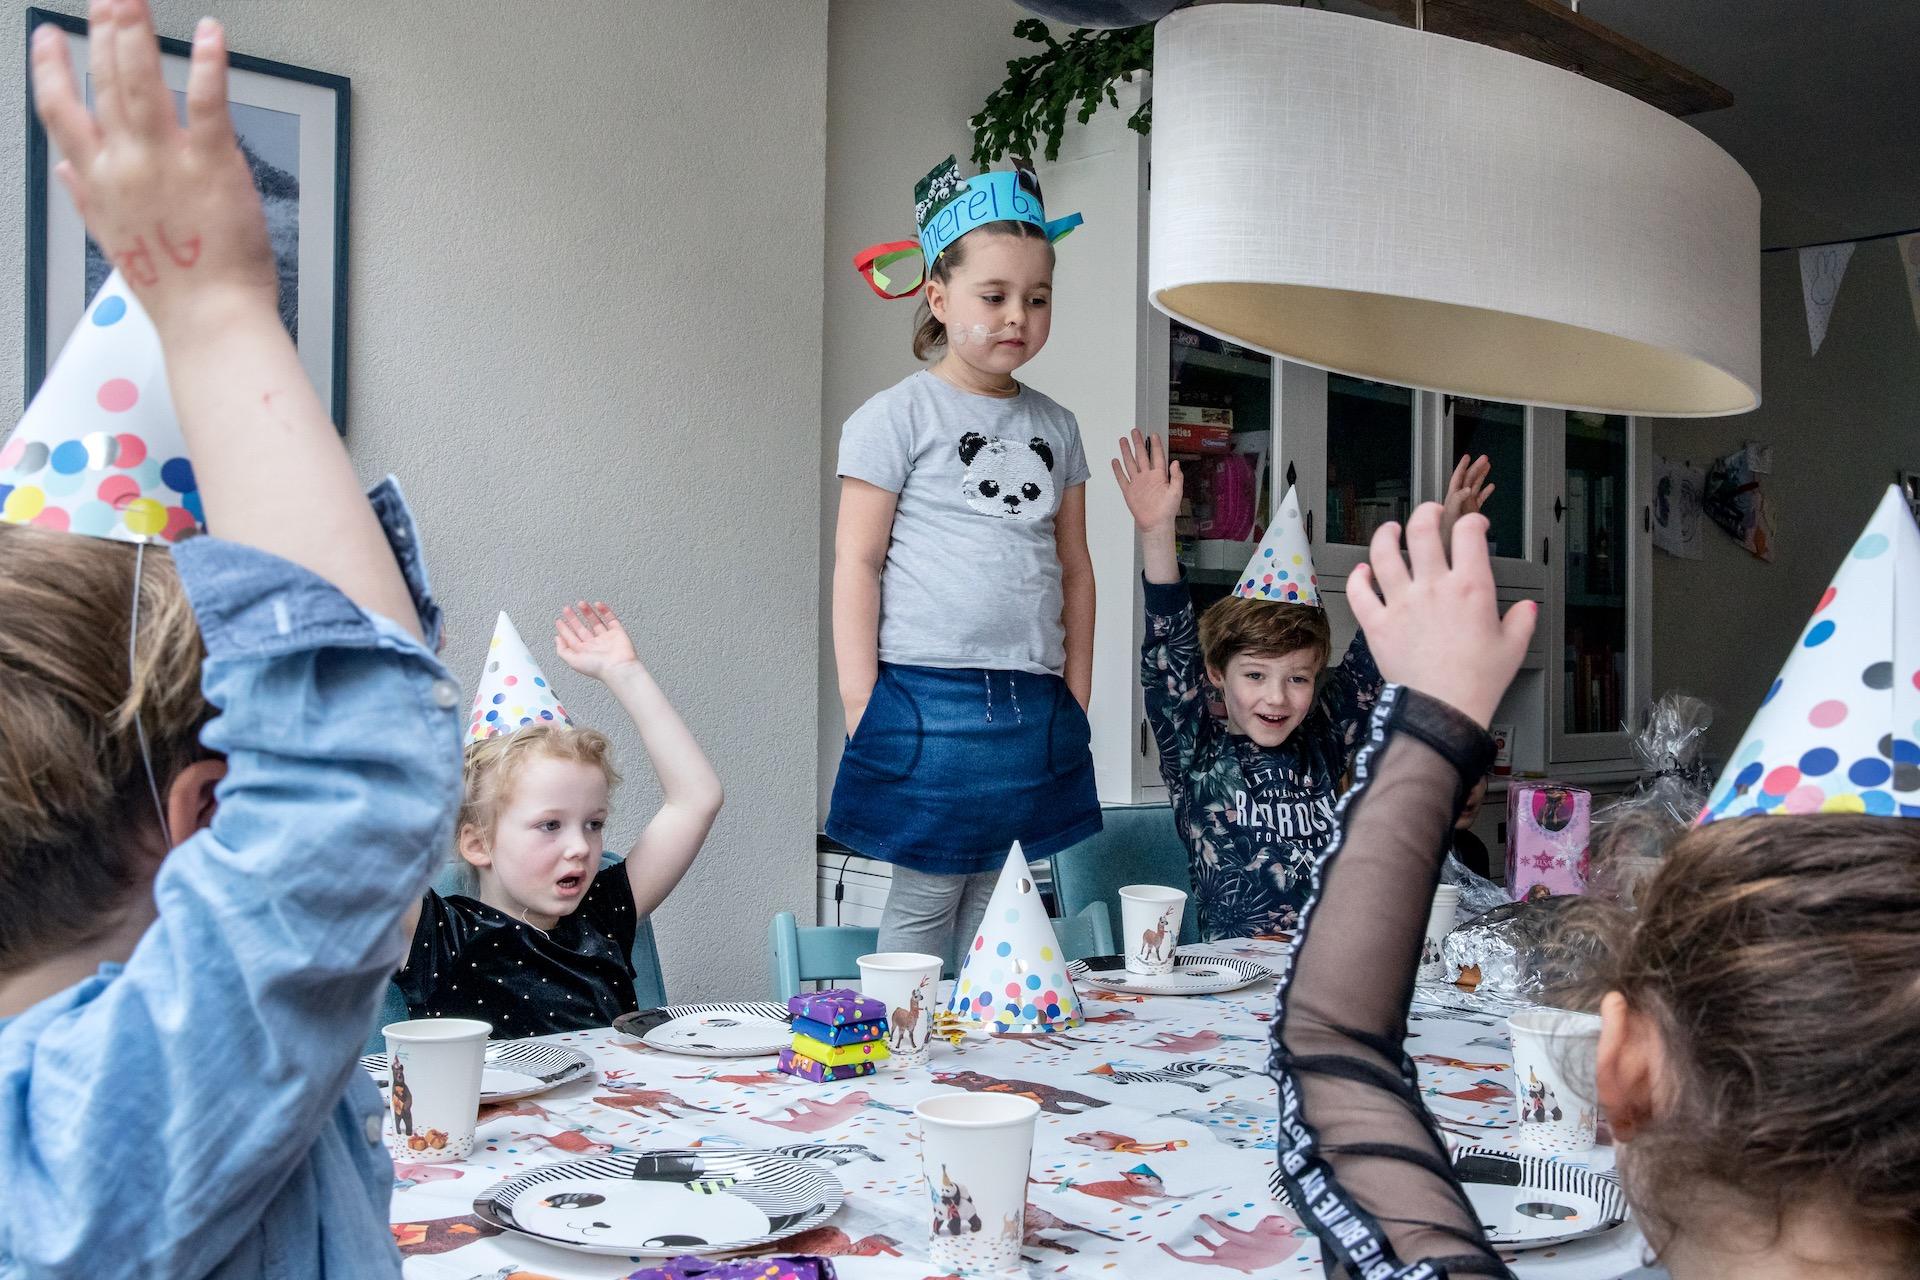 Merel's vriendjes en vriendinnetjes zijn uitgenodigd bij haar thuis voor haar verjaardagsfeestje. Merel (6) heeft leukemie en een zware behandeling van al bijna 2 jaar achter de rug. Ze onderging verschillende chemo's, medicijnen, sondes, prikken, pleisters en operaties. Jarig zijn is een speciaal moment voor Merel, maar ook voor haar ouders, familie en vrienden. Jarig worden is niet vanzelfsprekend voor een kind met leukemie.